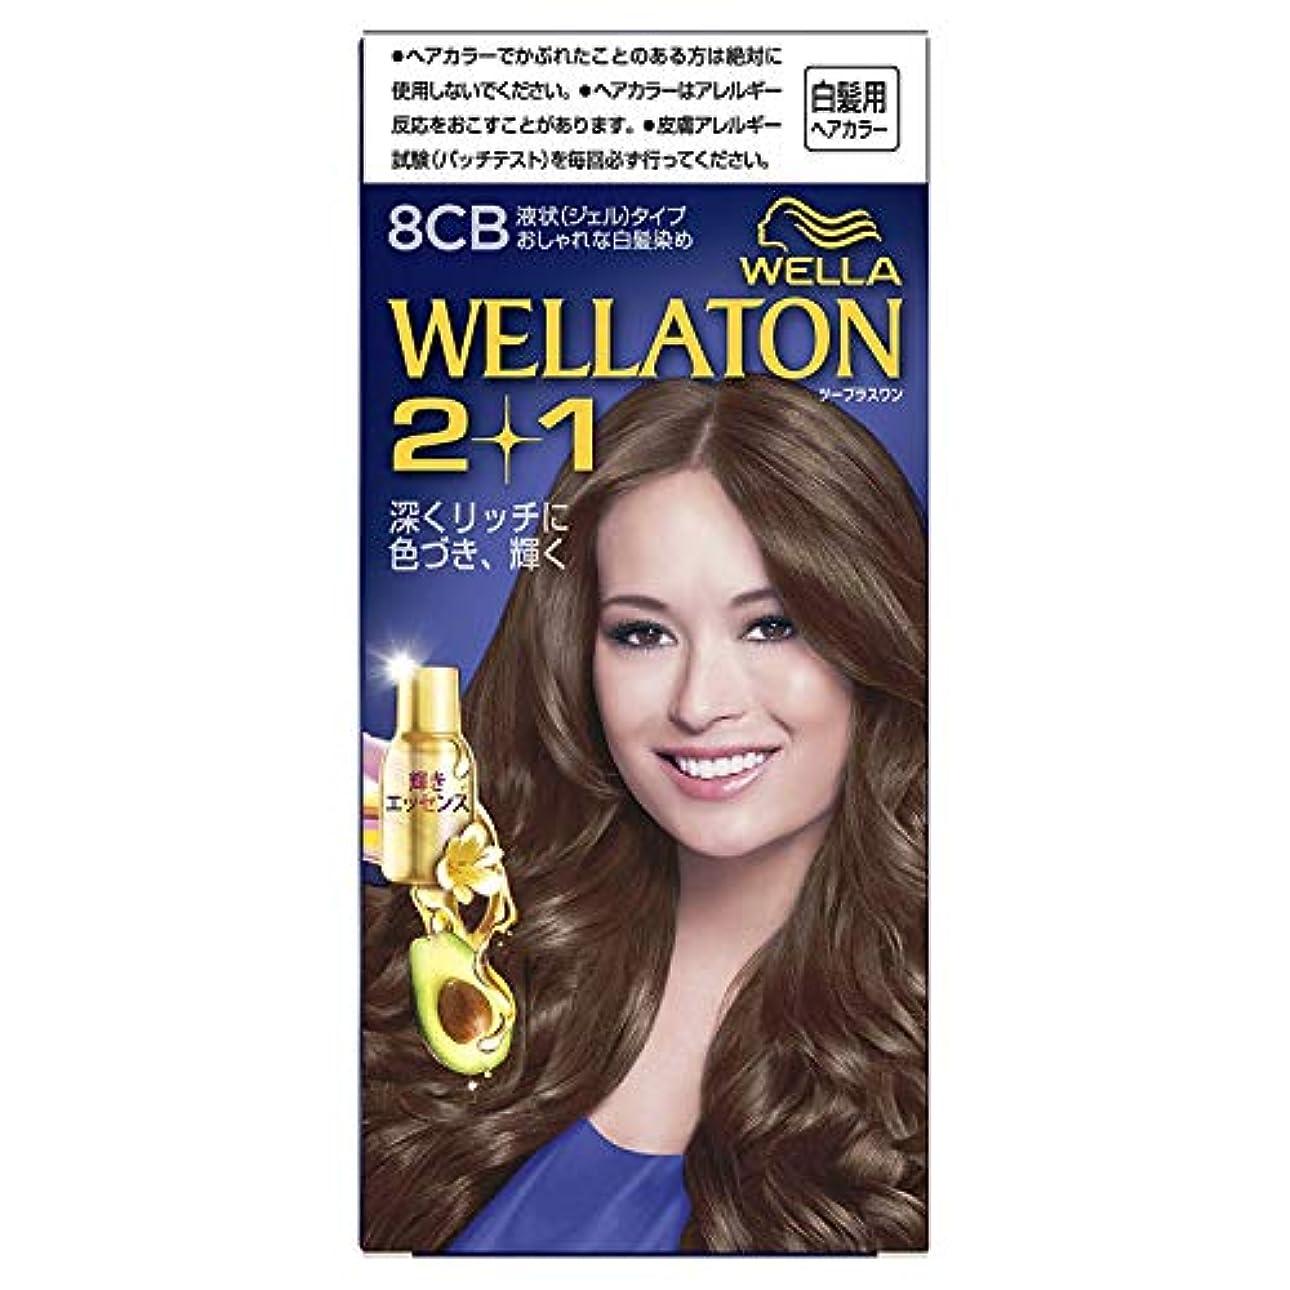 ヤギコールド制裁ウエラトーン2+1 白髪染め 液状タイプ 8CB [医薬部外品] ×6個